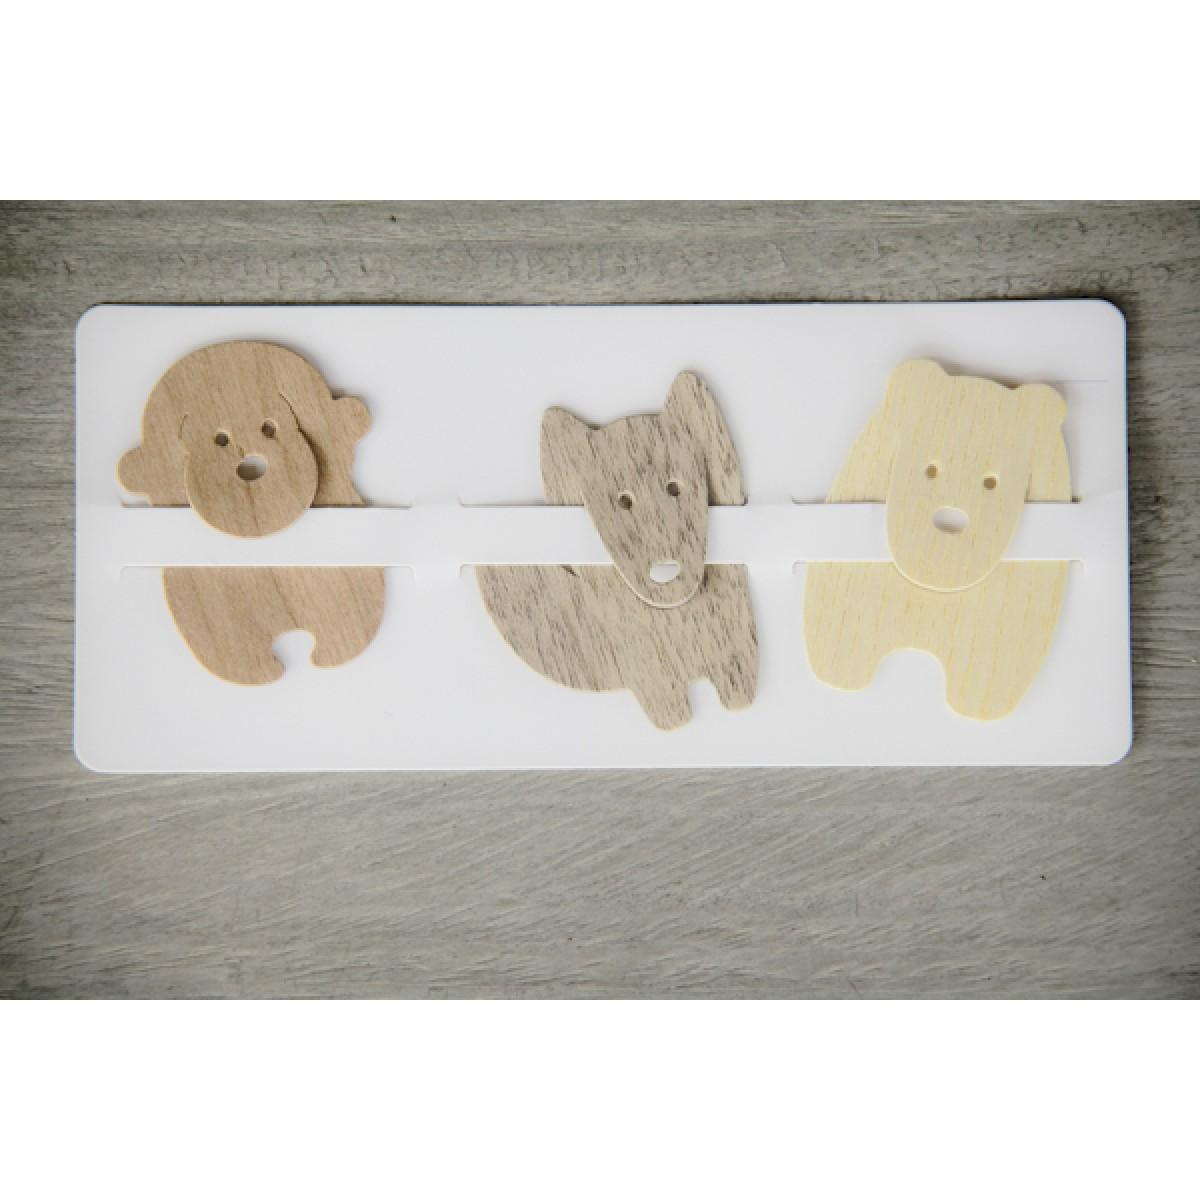 Lesezeichen aus Holz, handgefertigtes 3er-Set mit Tiermotiven BY COPALA